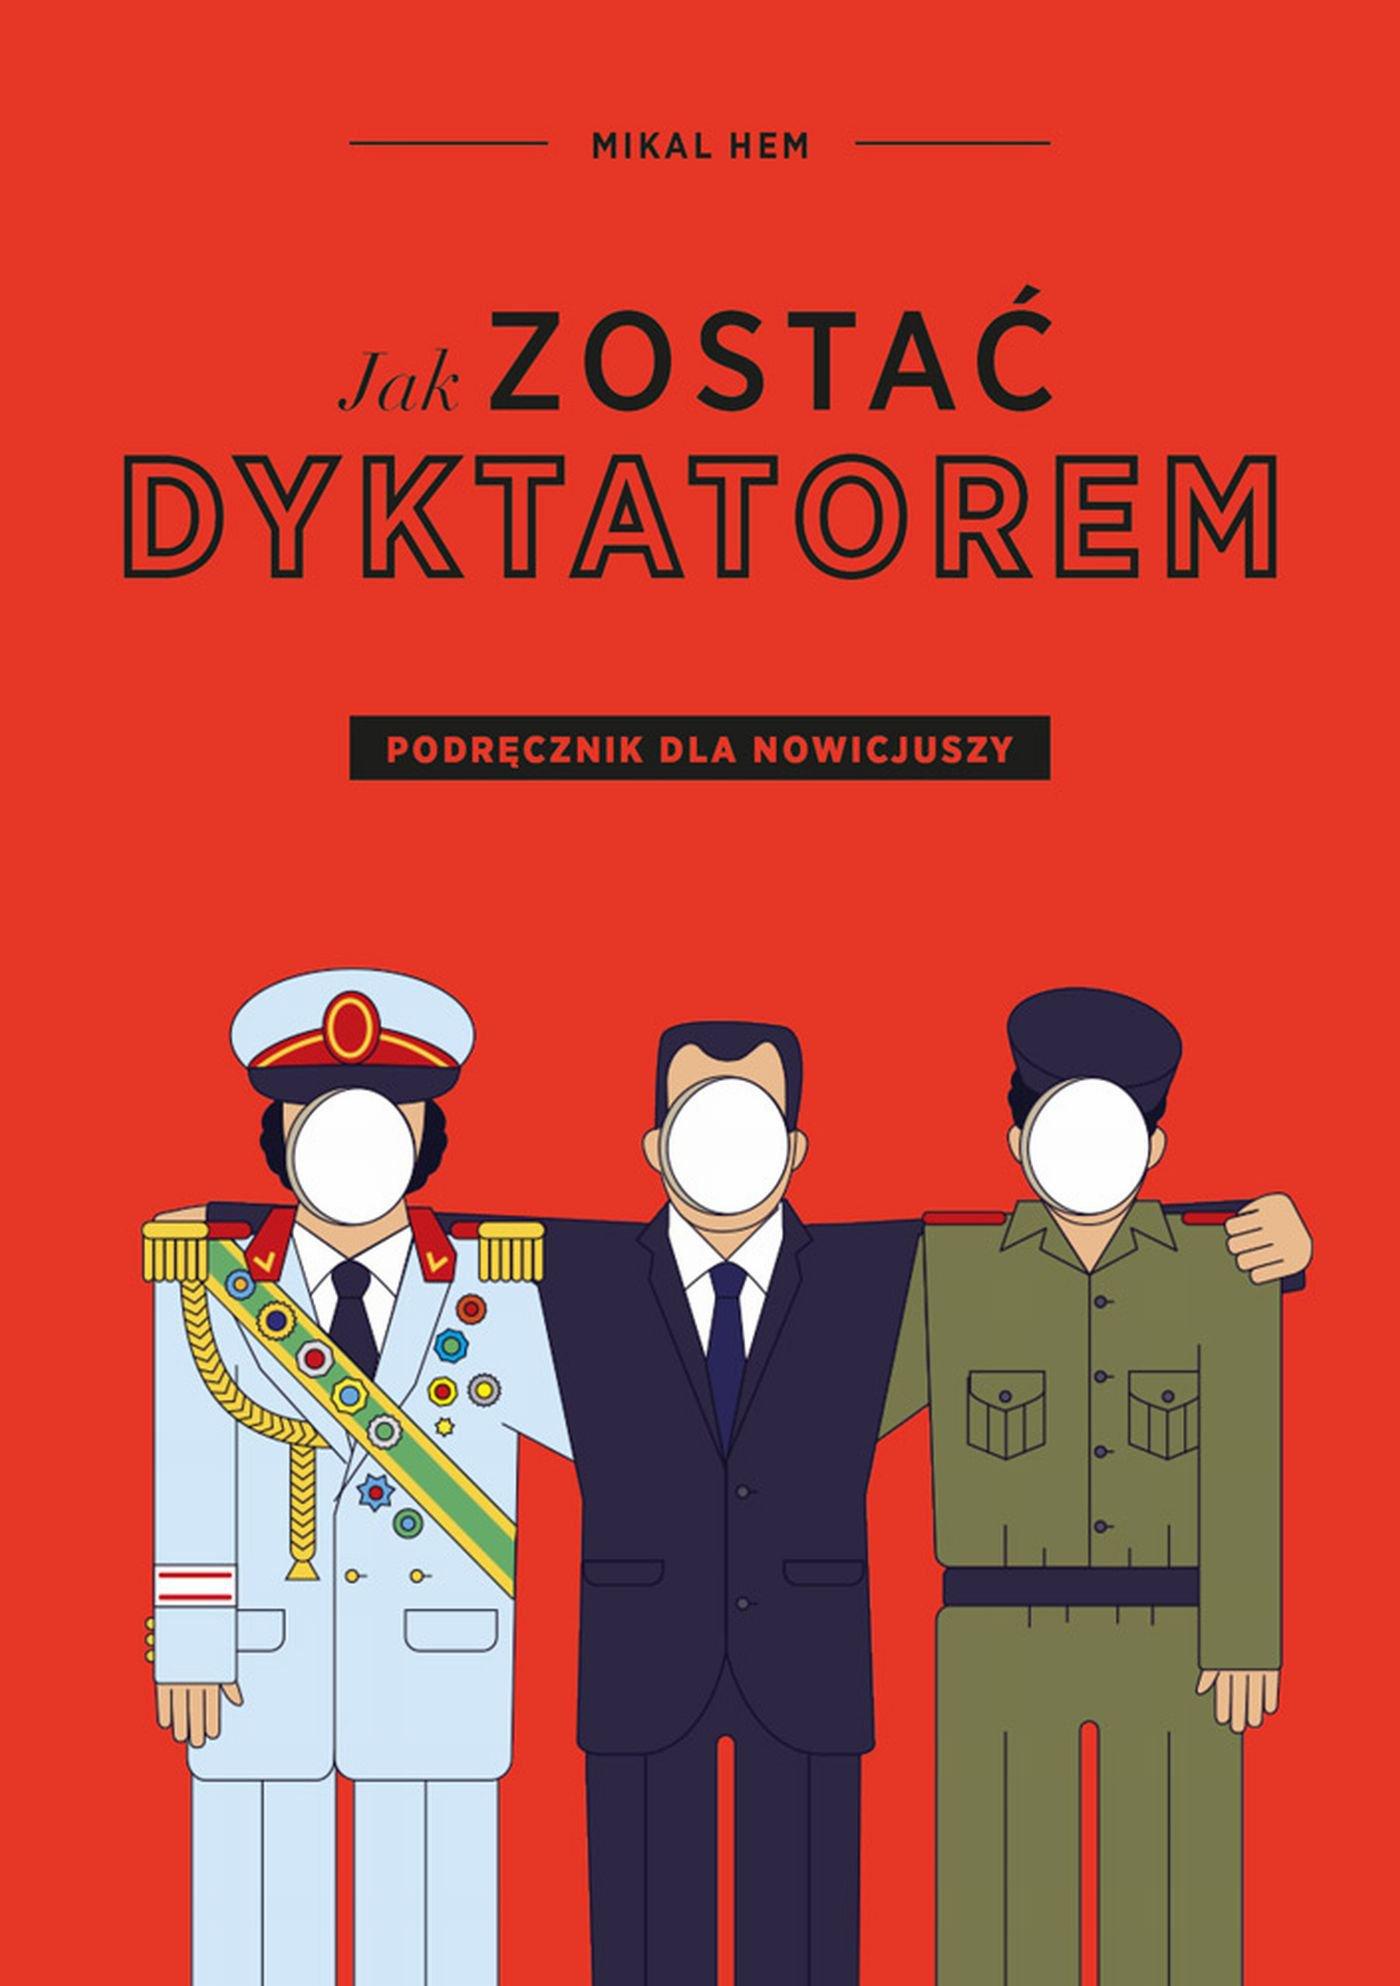 Jak zostać dyktatorem. Podręcznik dla nowicjuszy - Ebook (Książka na Kindle) do pobrania w formacie MOBI